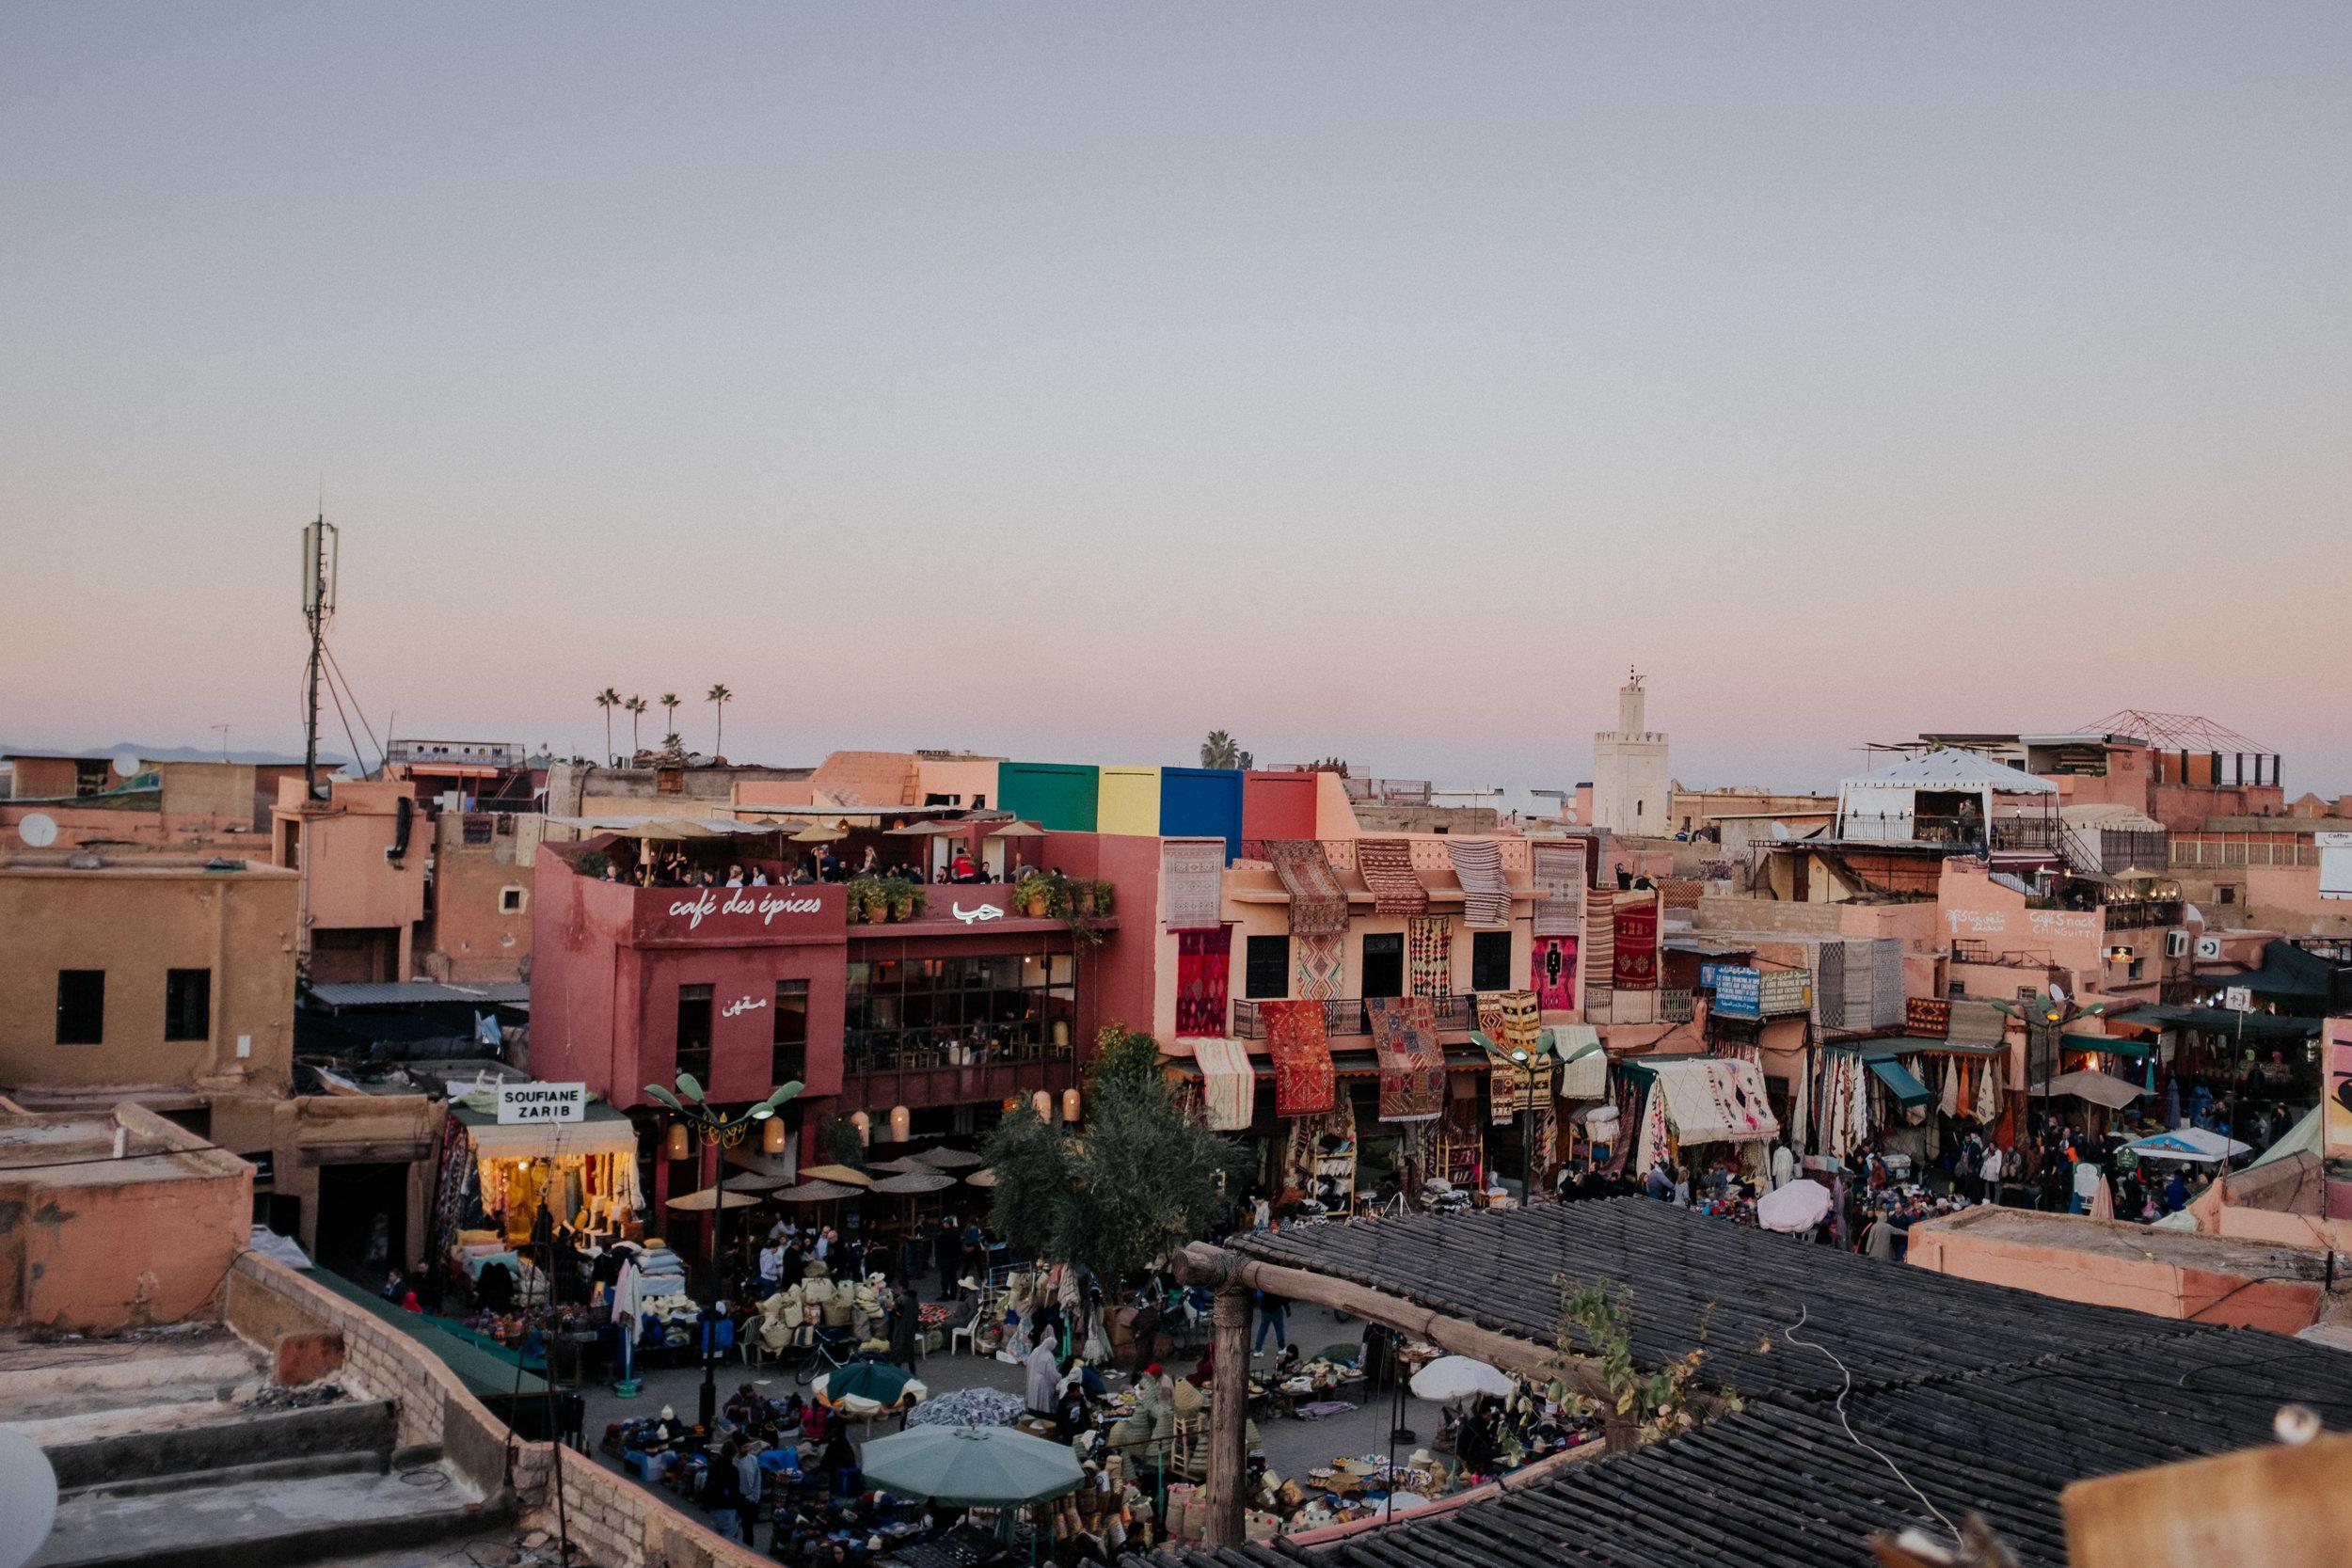 Morocco_2018_02_11_202008-01369_CMB.jpg